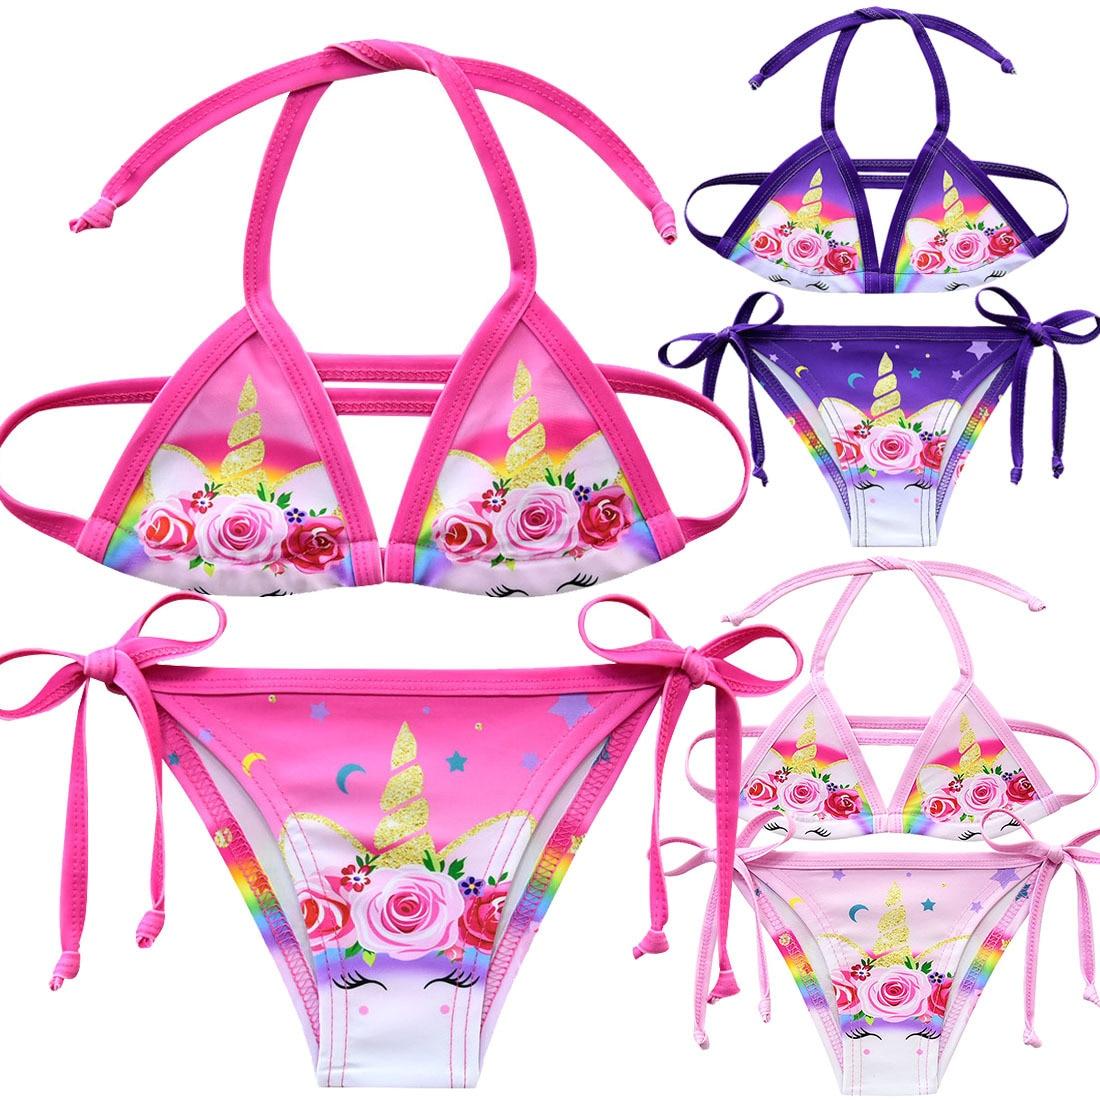 Girls Bikini Suits Unicorn Swimsuit For Girls 2019 Fashion Beach Wear Children Girls Cute Two-pieces Bathing Suits G48-8068